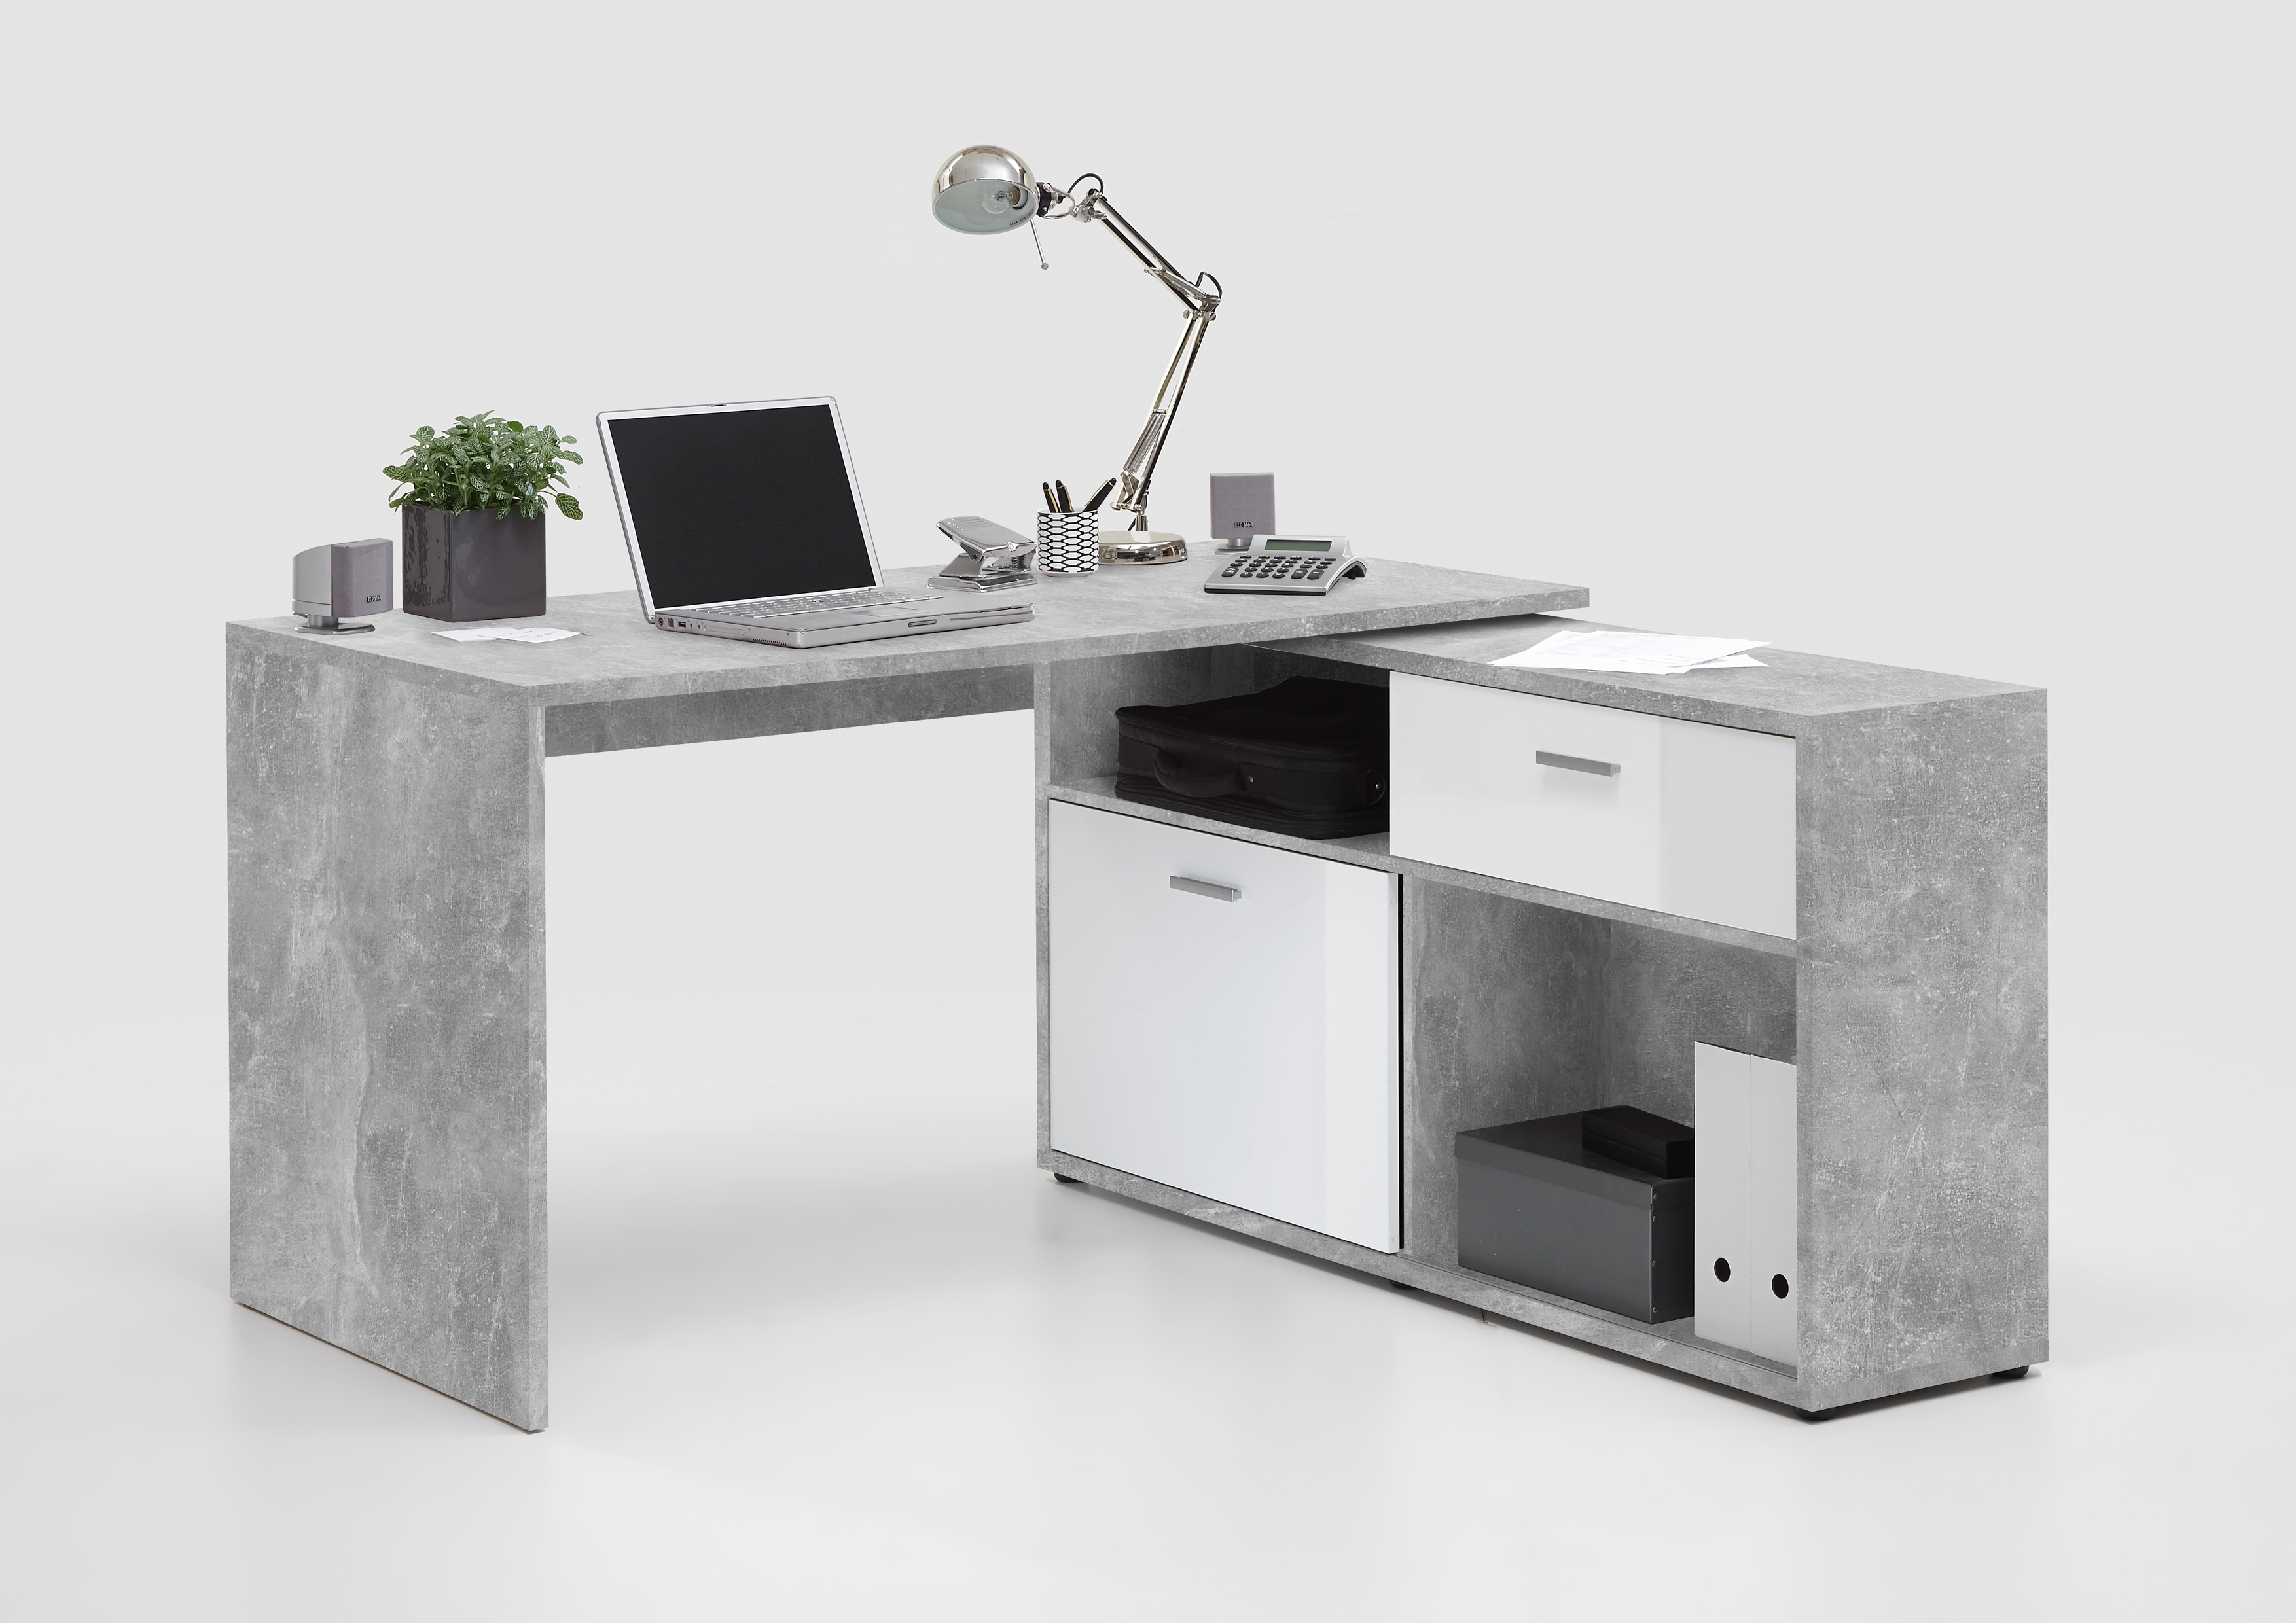 Winkelschreibtisch weiß hochglanz  FMD Winkelschreibtisch Diego 1 Bürotisch Schreibtisch ...